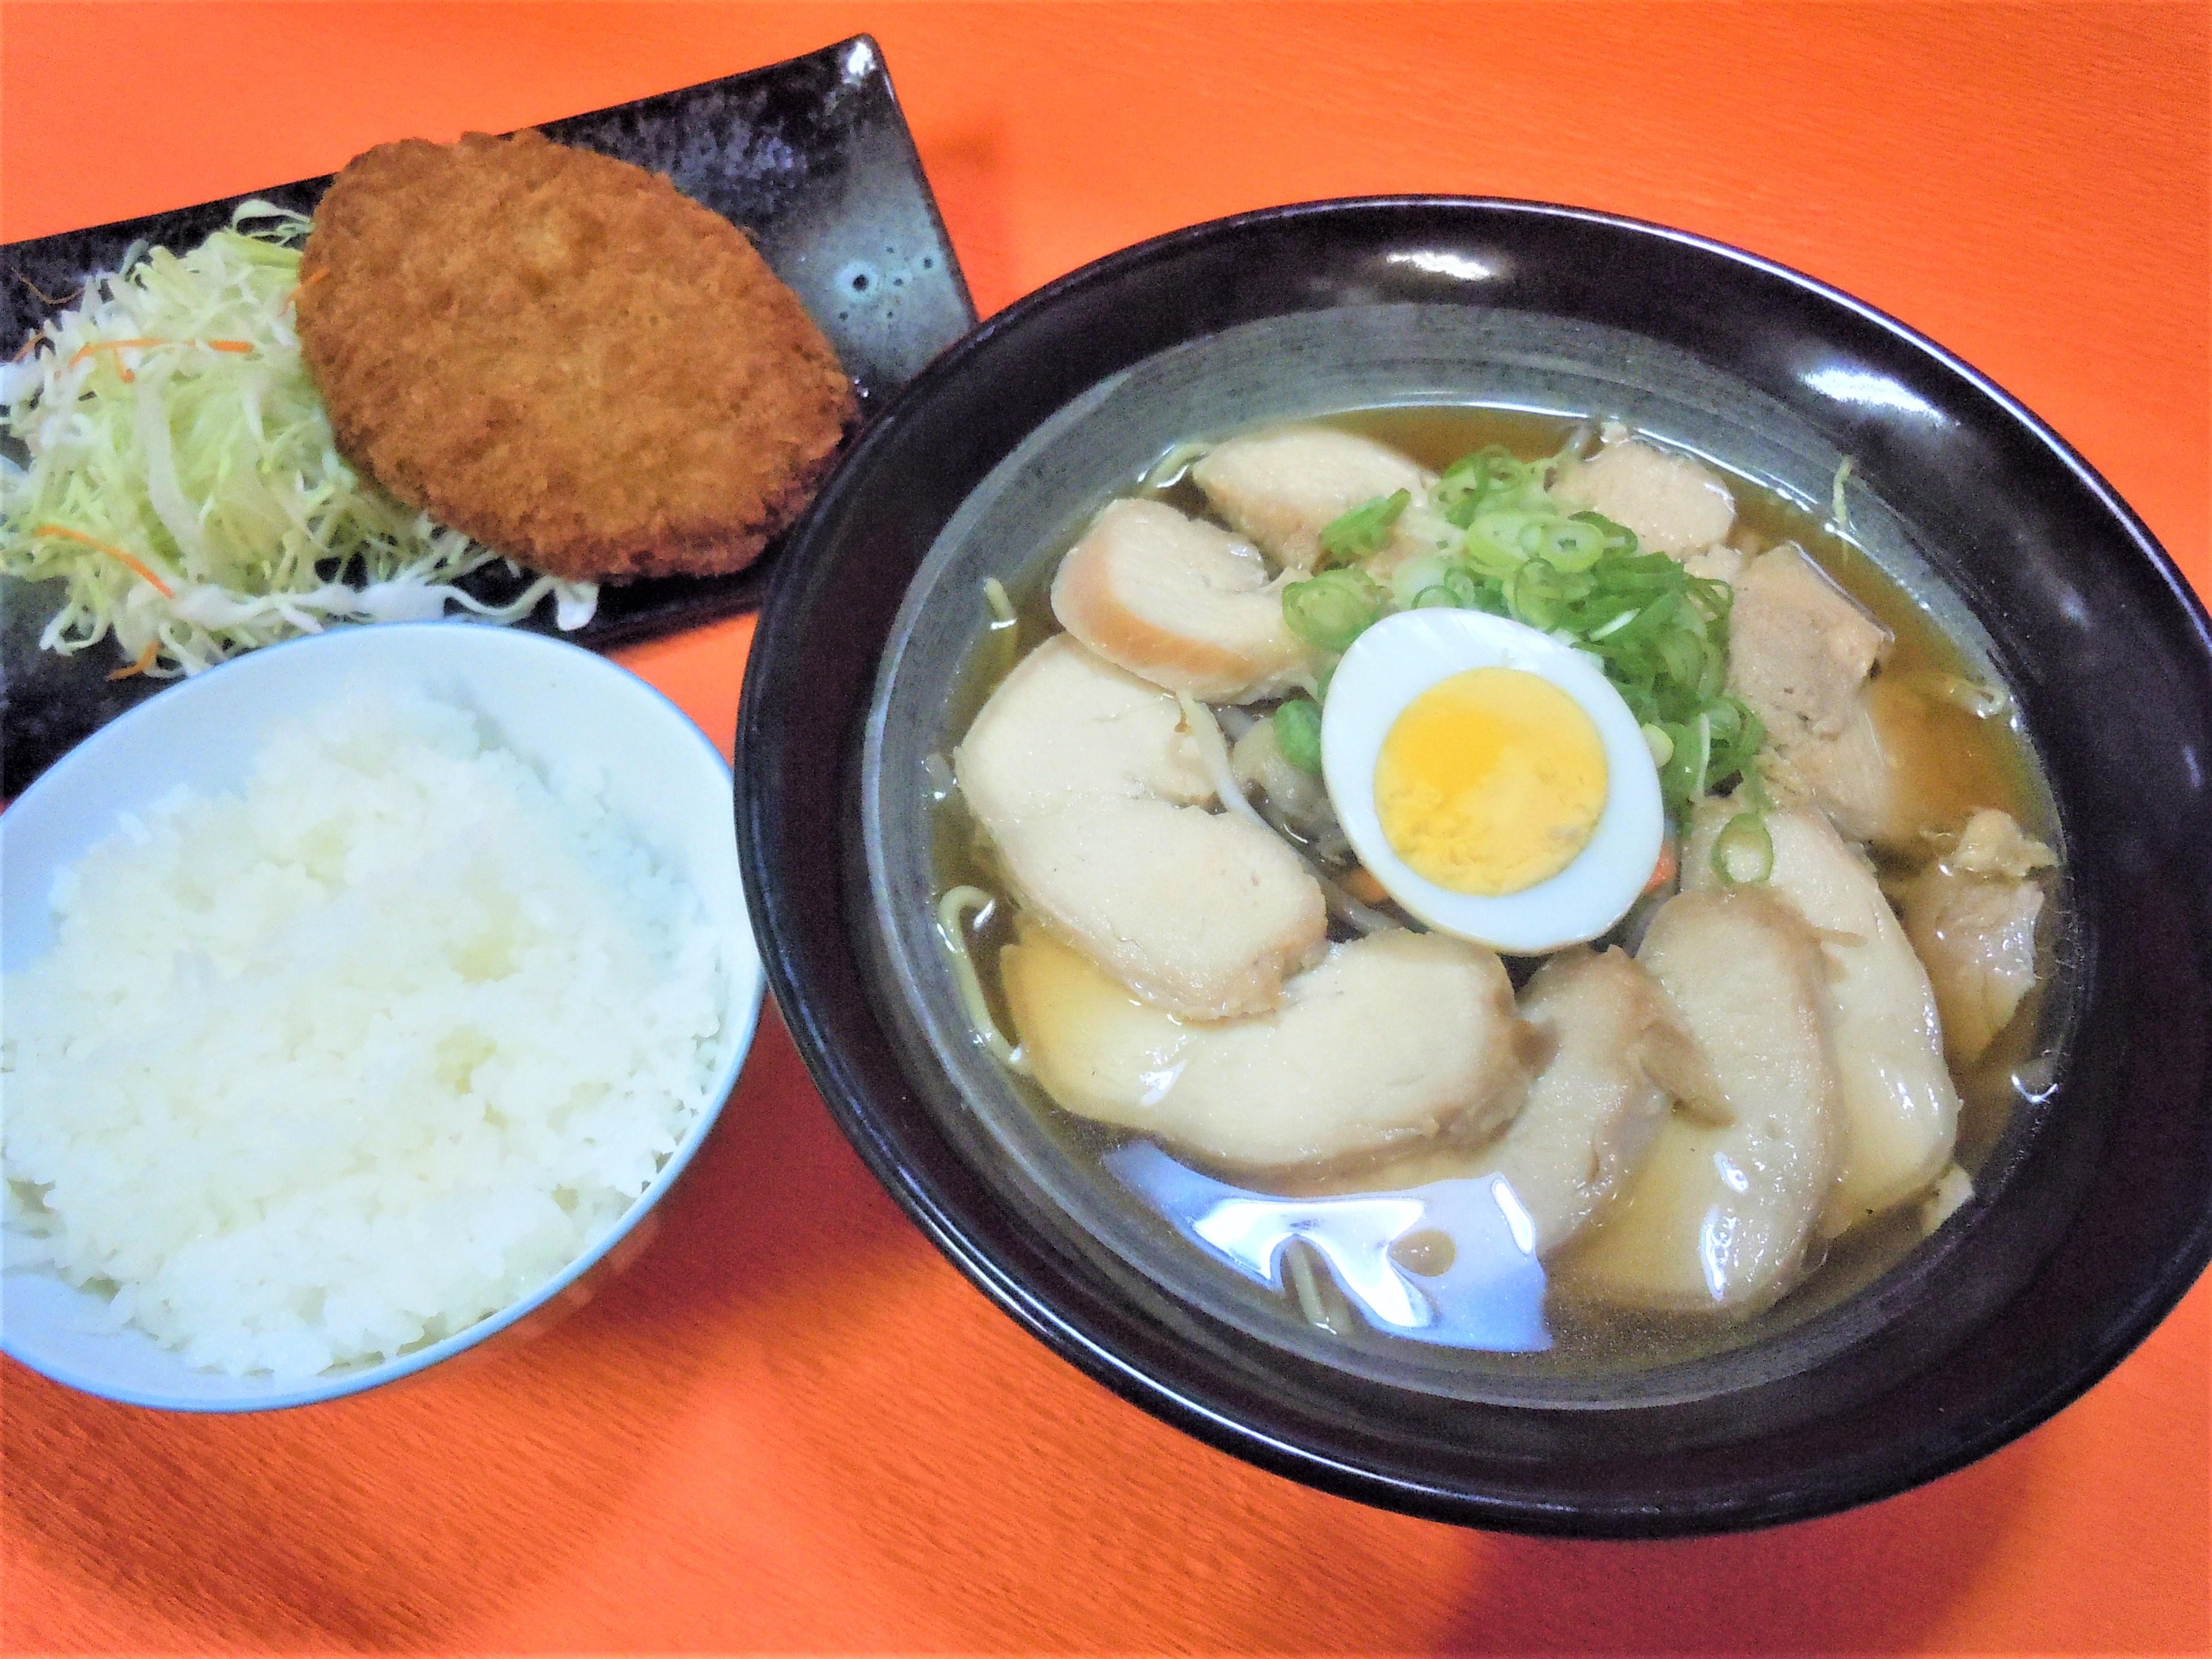 鶏チャーシュー麺定食真庭㊦